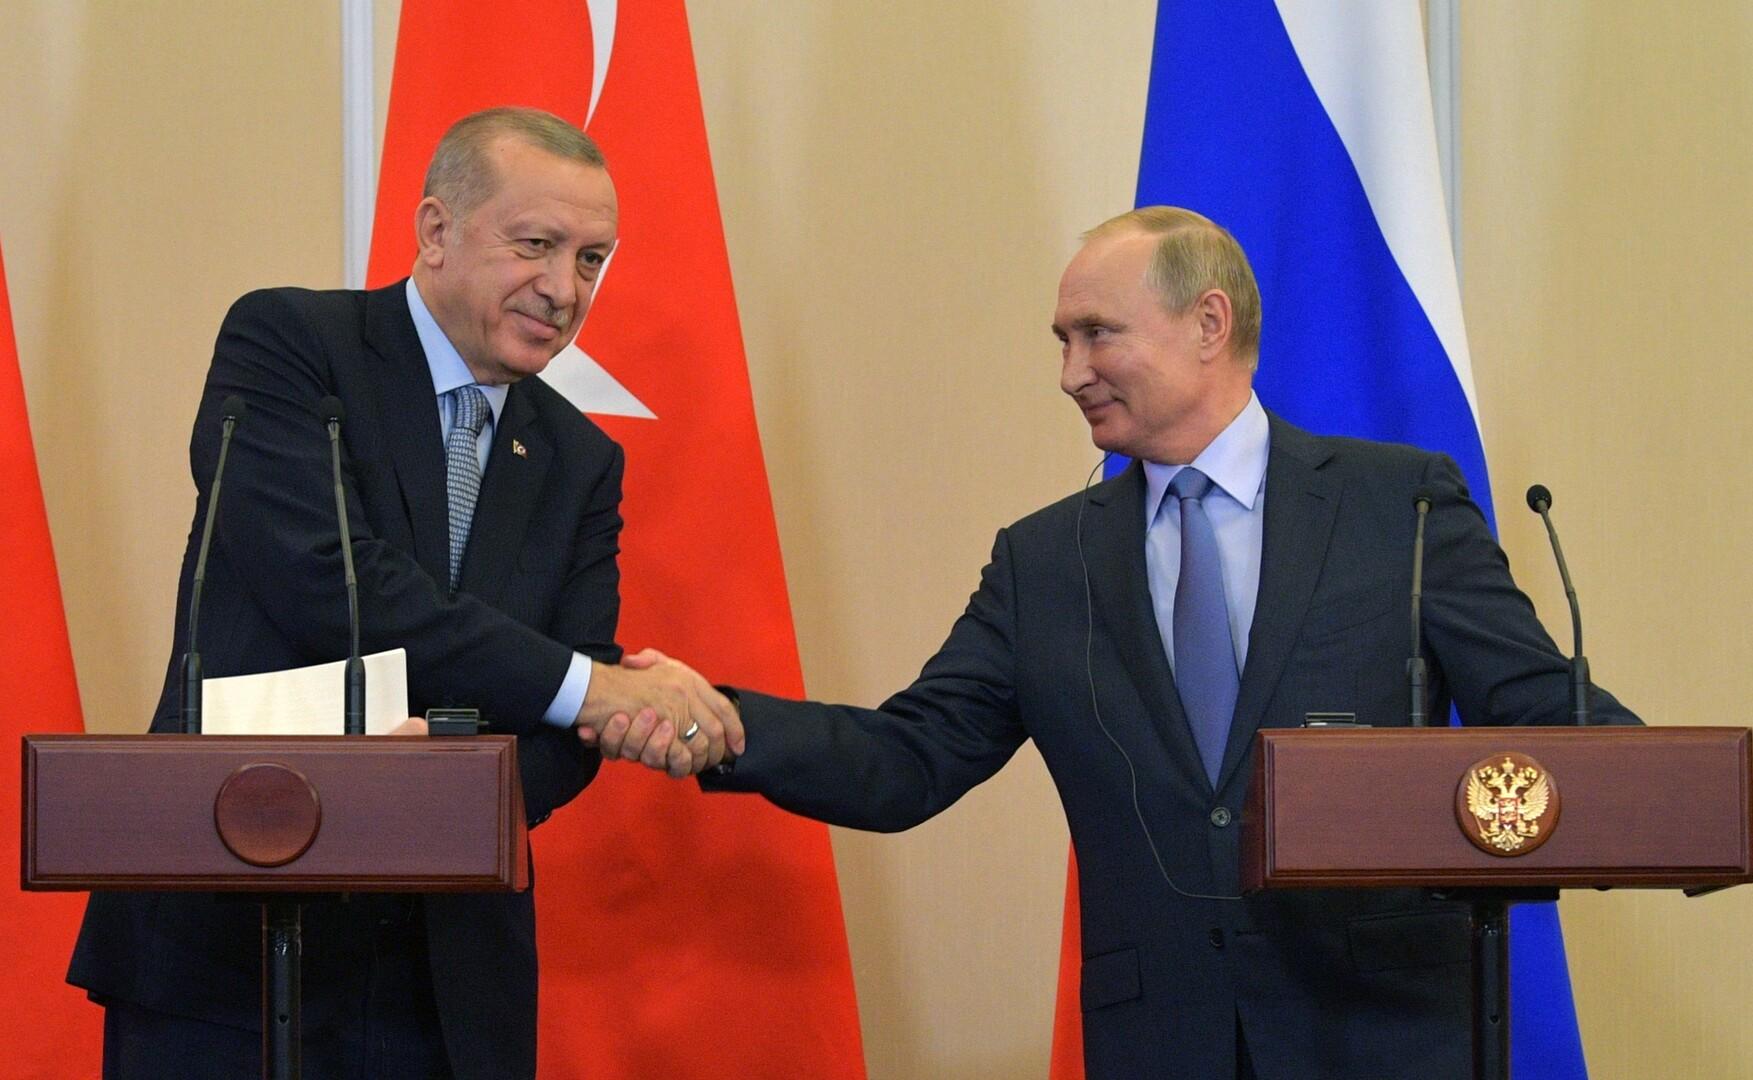 بوتين: توصلنا مع أردوغان إلى حلول مصيرية حول سوريا